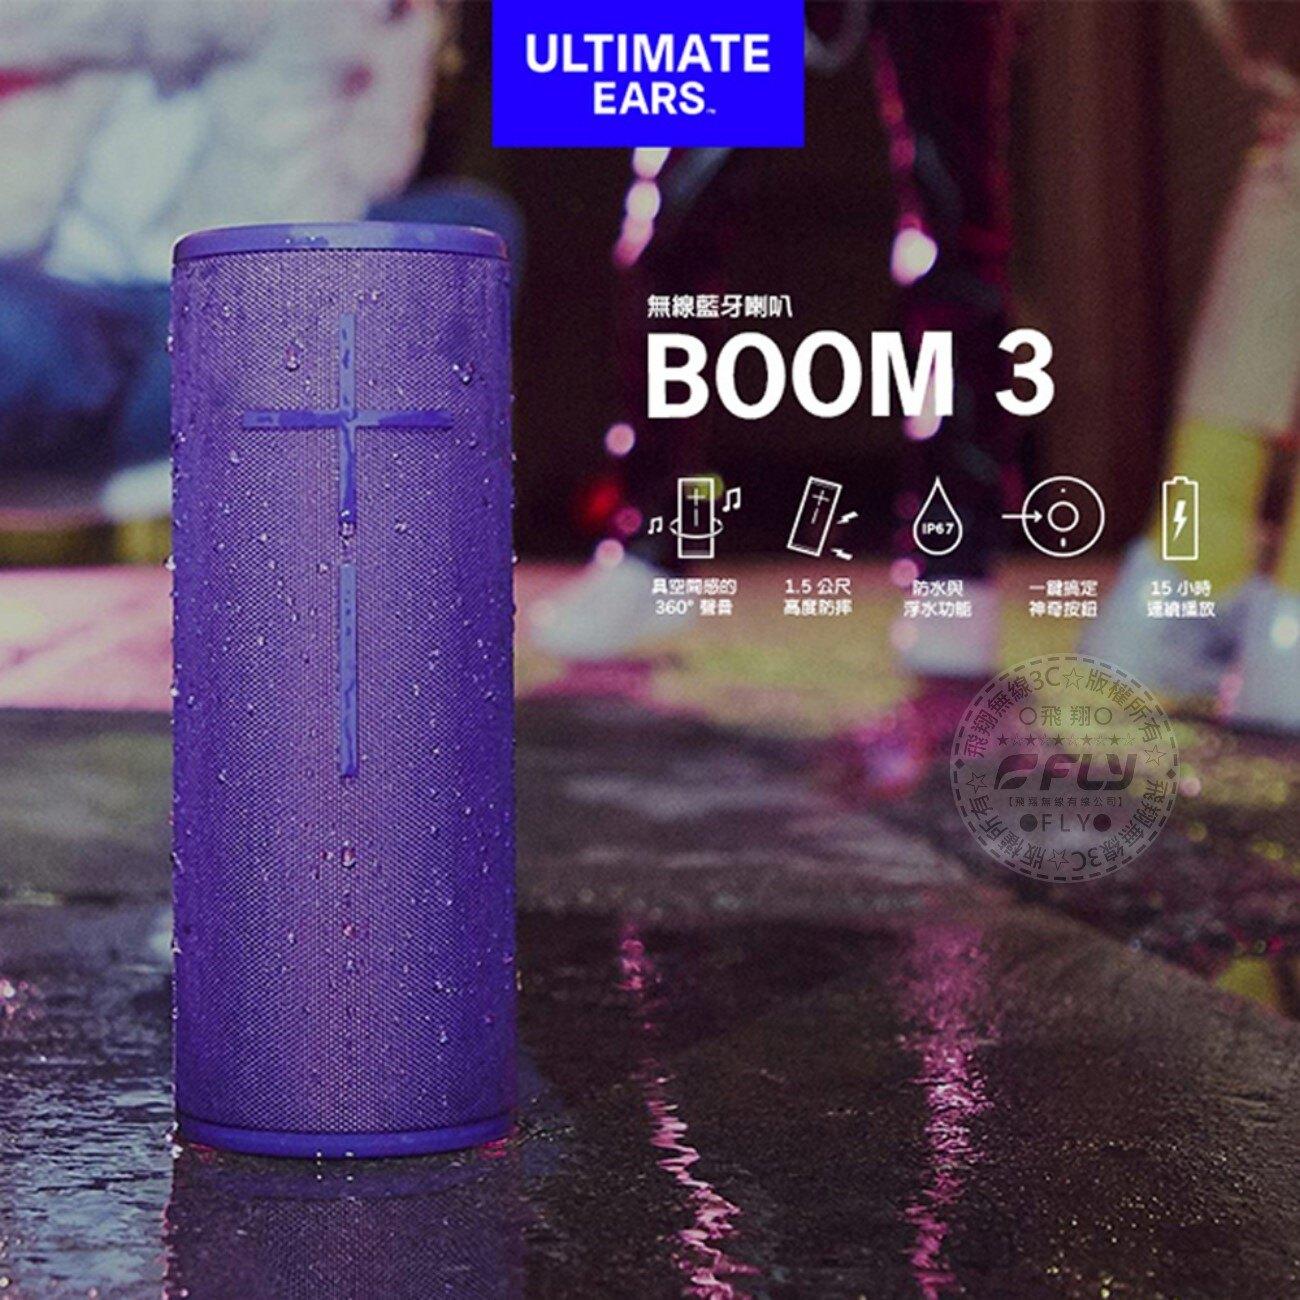 《飛翔無線3C》Ultimate Ears UE BOOM 3 360度防水藍牙喇叭◉公司貨◉羅技音響◉IP67防水